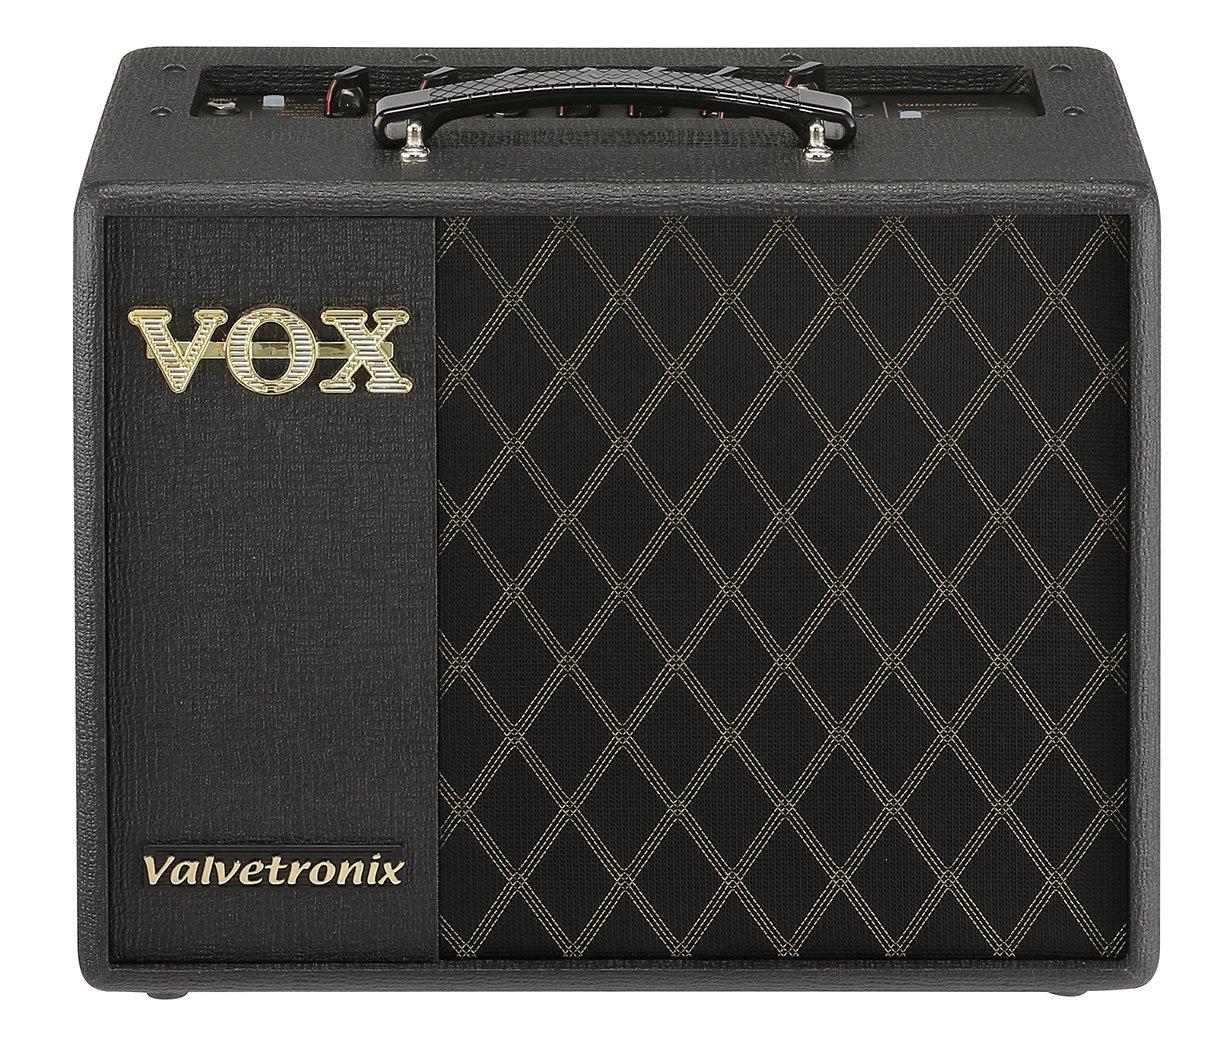 注目 VOX ヴォックス ヴォックス モデリングギターアンプ 20W VT20X 20W出力 VT20X 20W B017KBLIPW, O-PARTS:1c975422 --- a0267596.xsph.ru